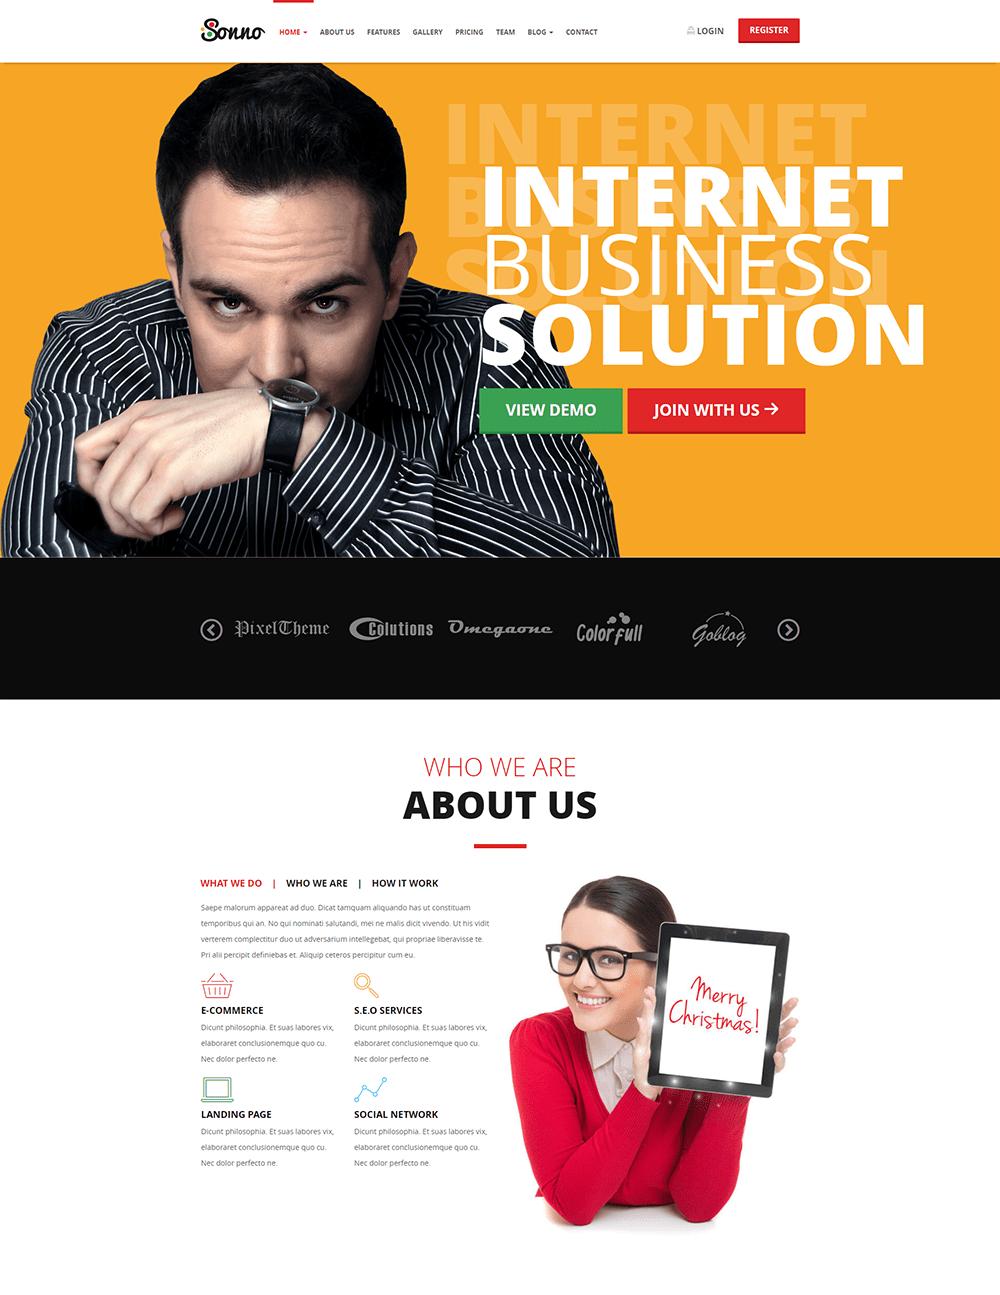 Sonno Landing Page WordPress Theme